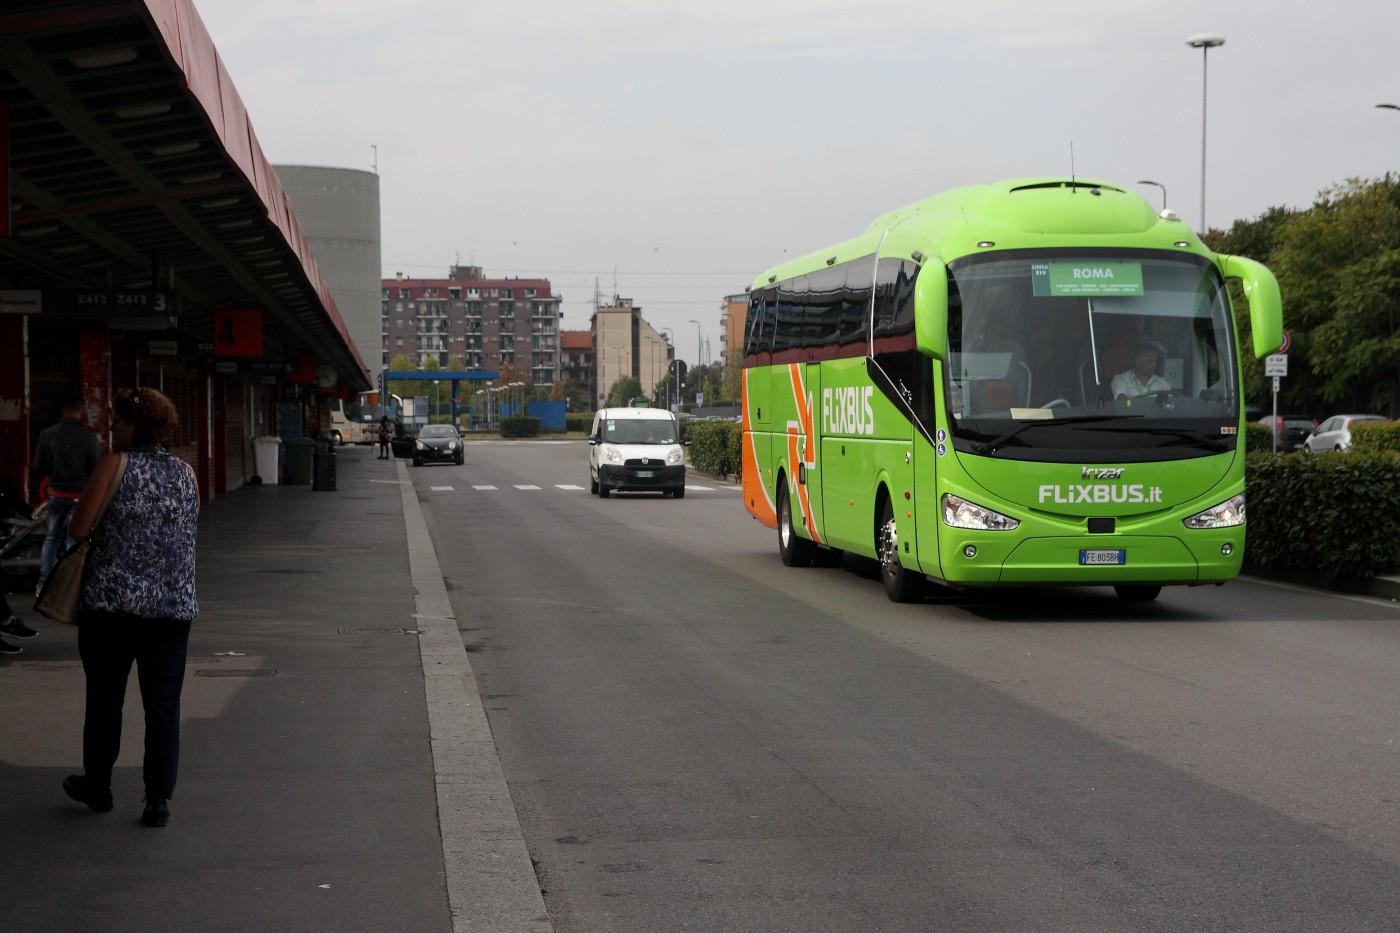 Milano per il terminal autobus di san donato rivoluzione for Arredamenti ballabio san donato milanese